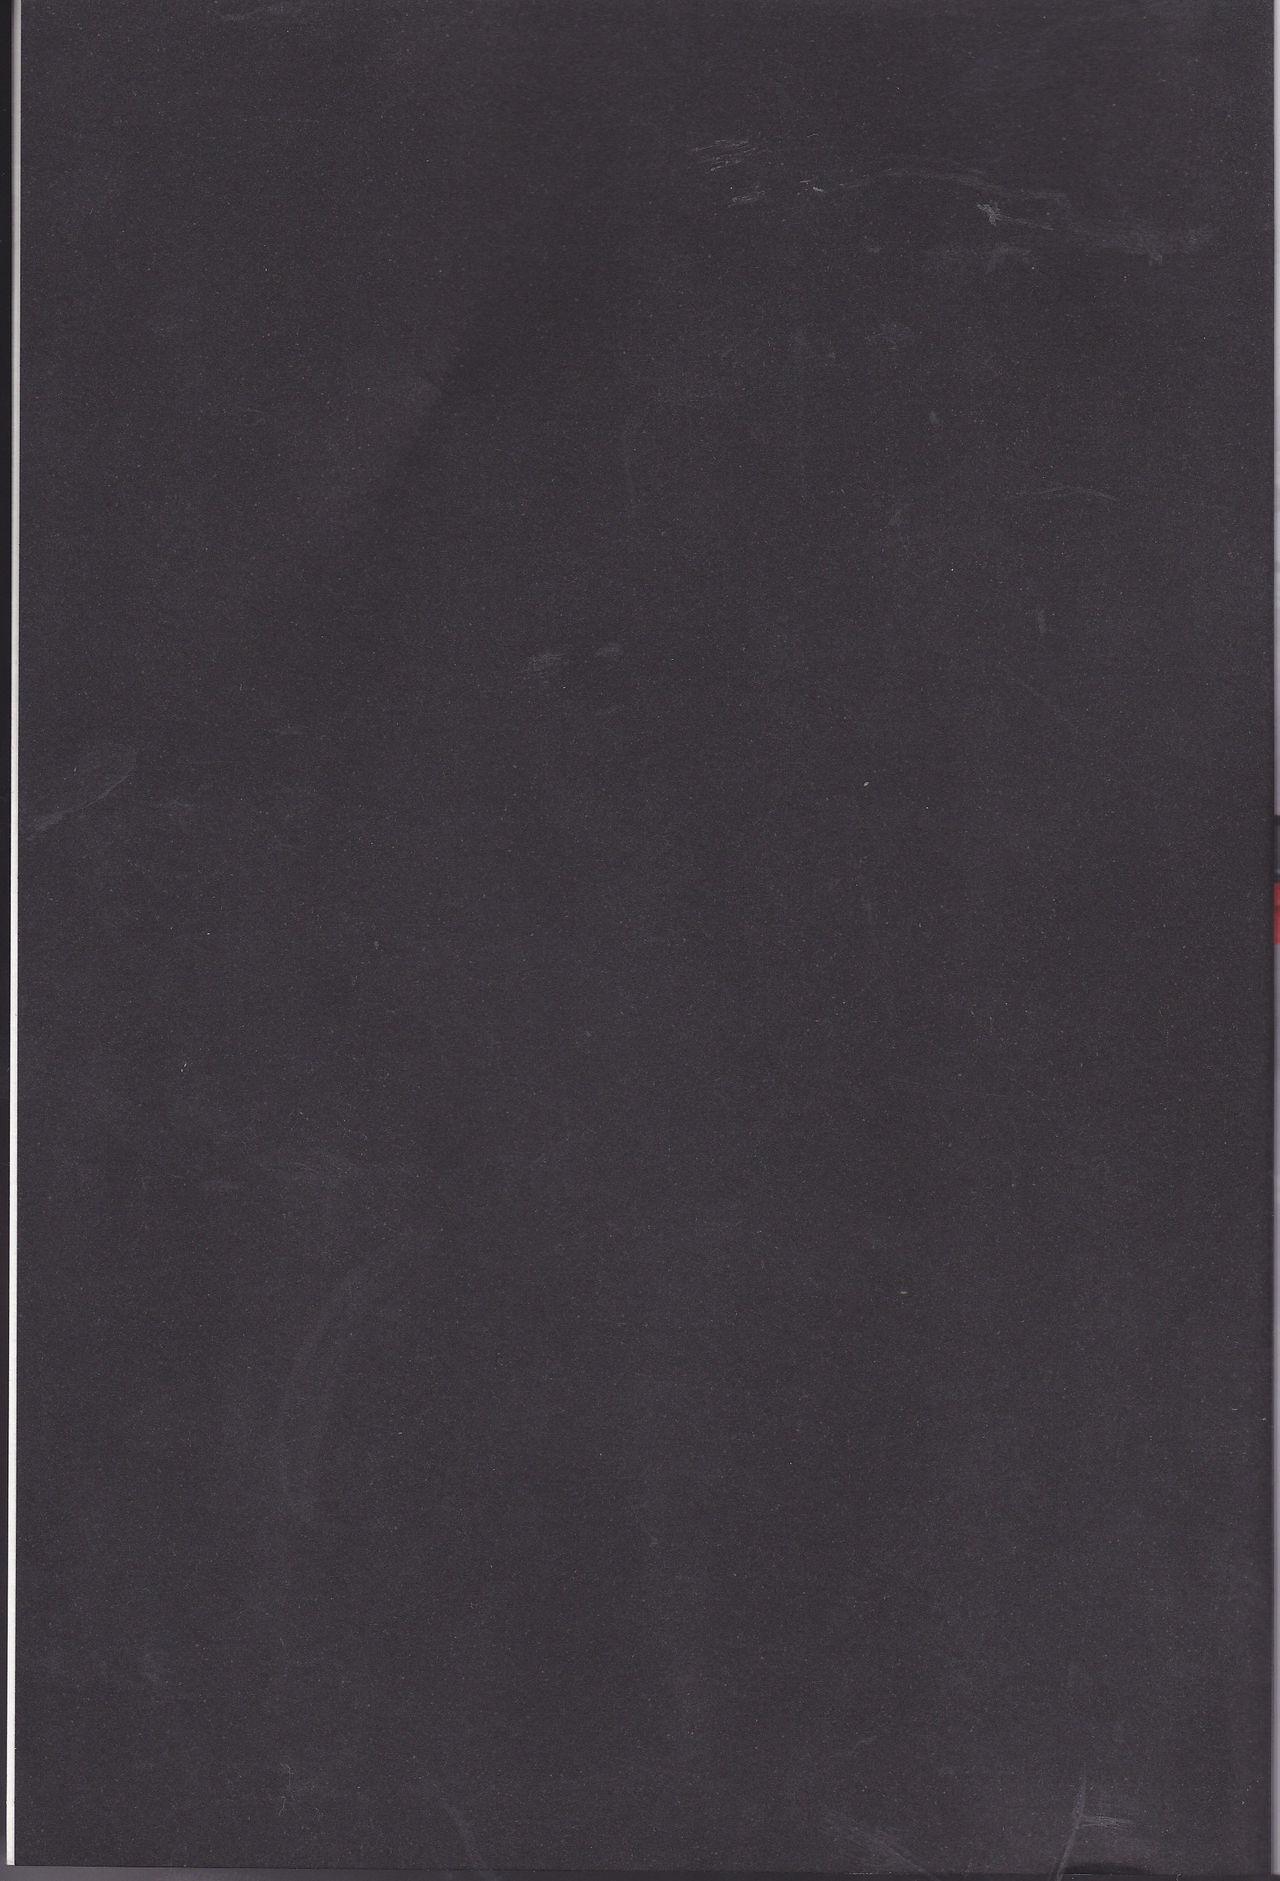 Toge hikari no navu~igātoria book 2(blue exorcist] 1